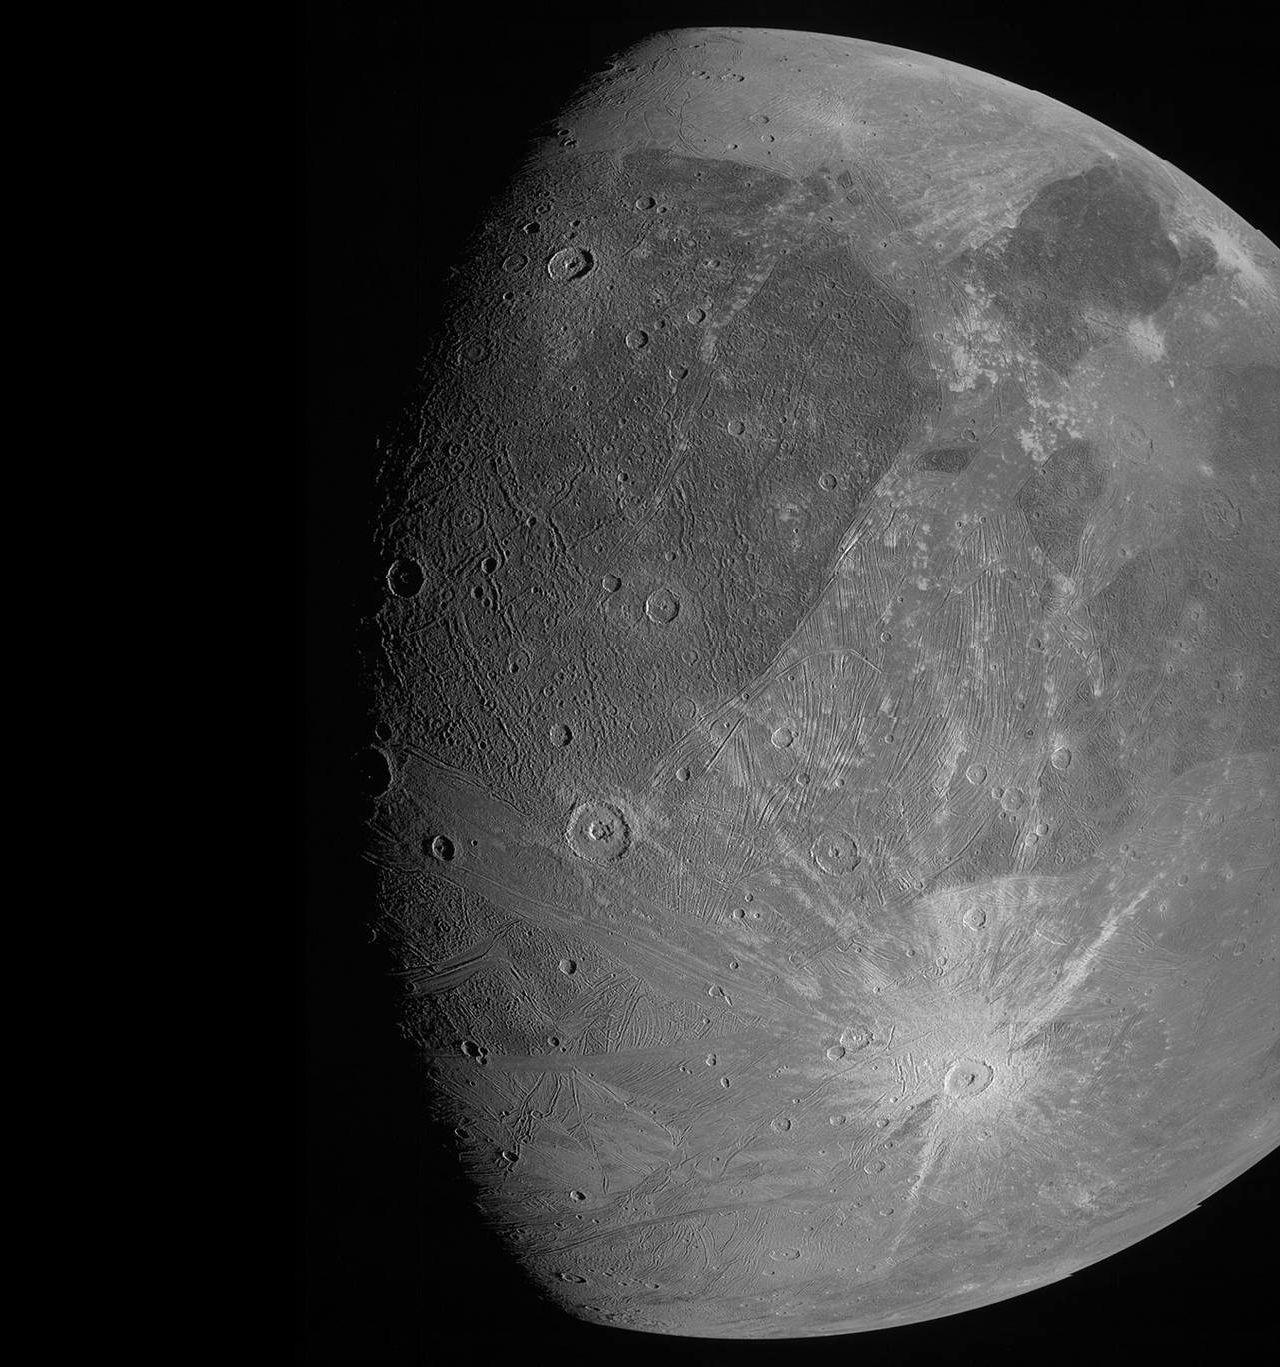 Nu har Juno tagit sig en sväng förbi Jupiters måne Ganymede